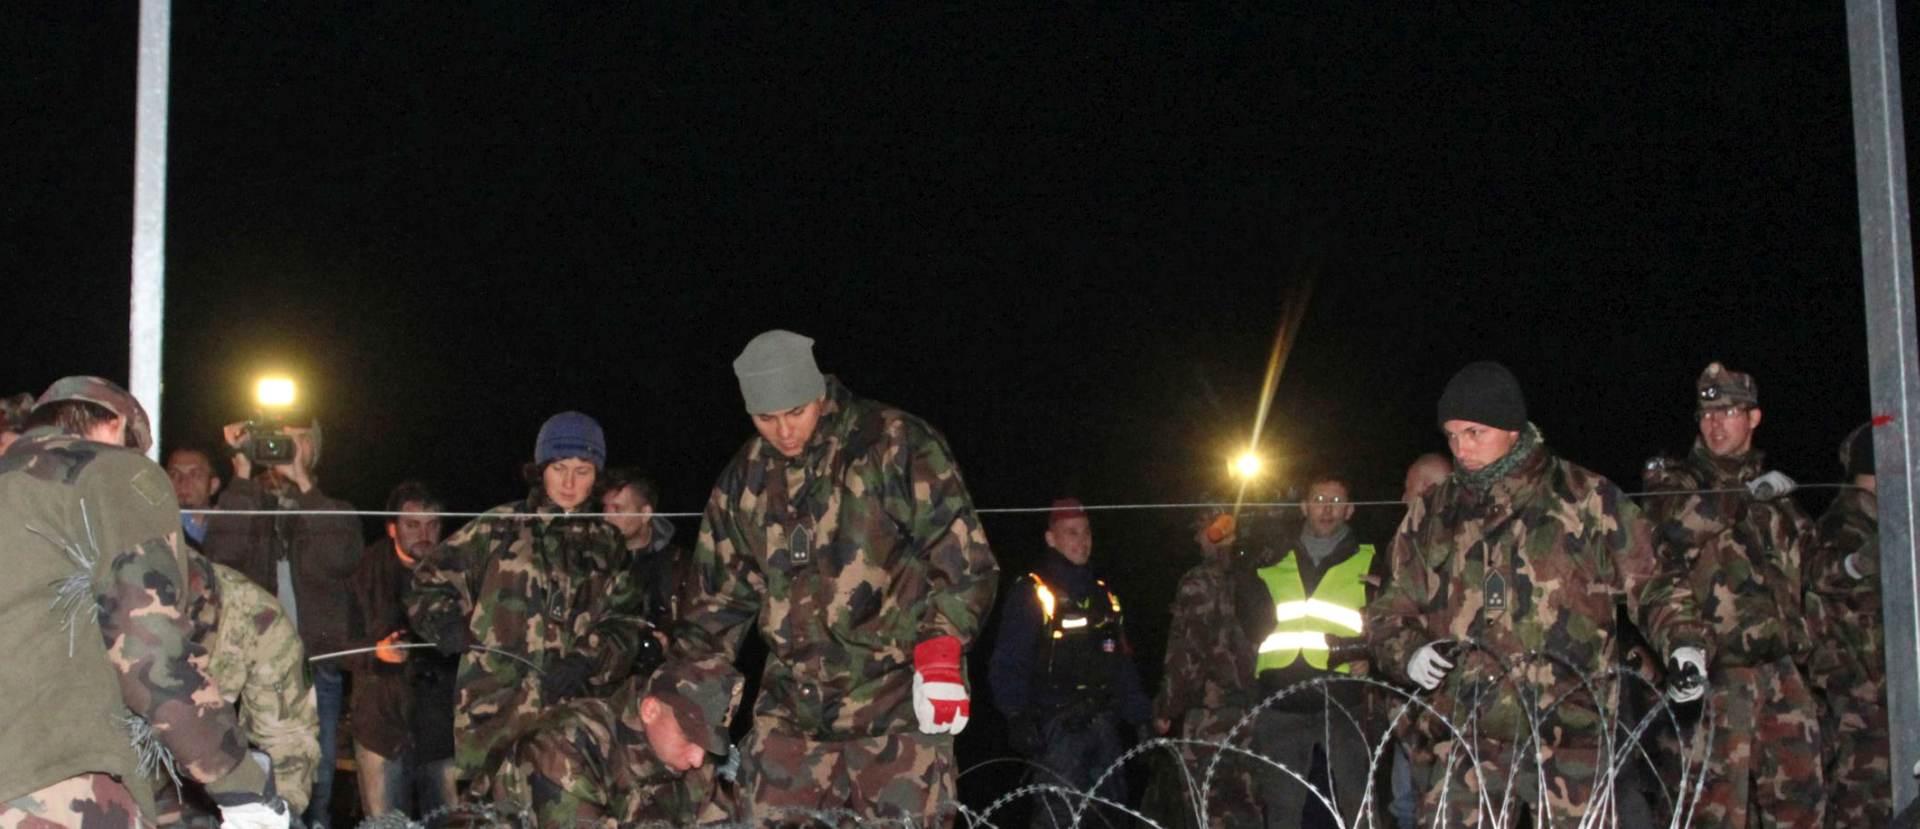 Danski, švedski, njemački dužnosnici raspravljat će s EU o graničnim kontrolama